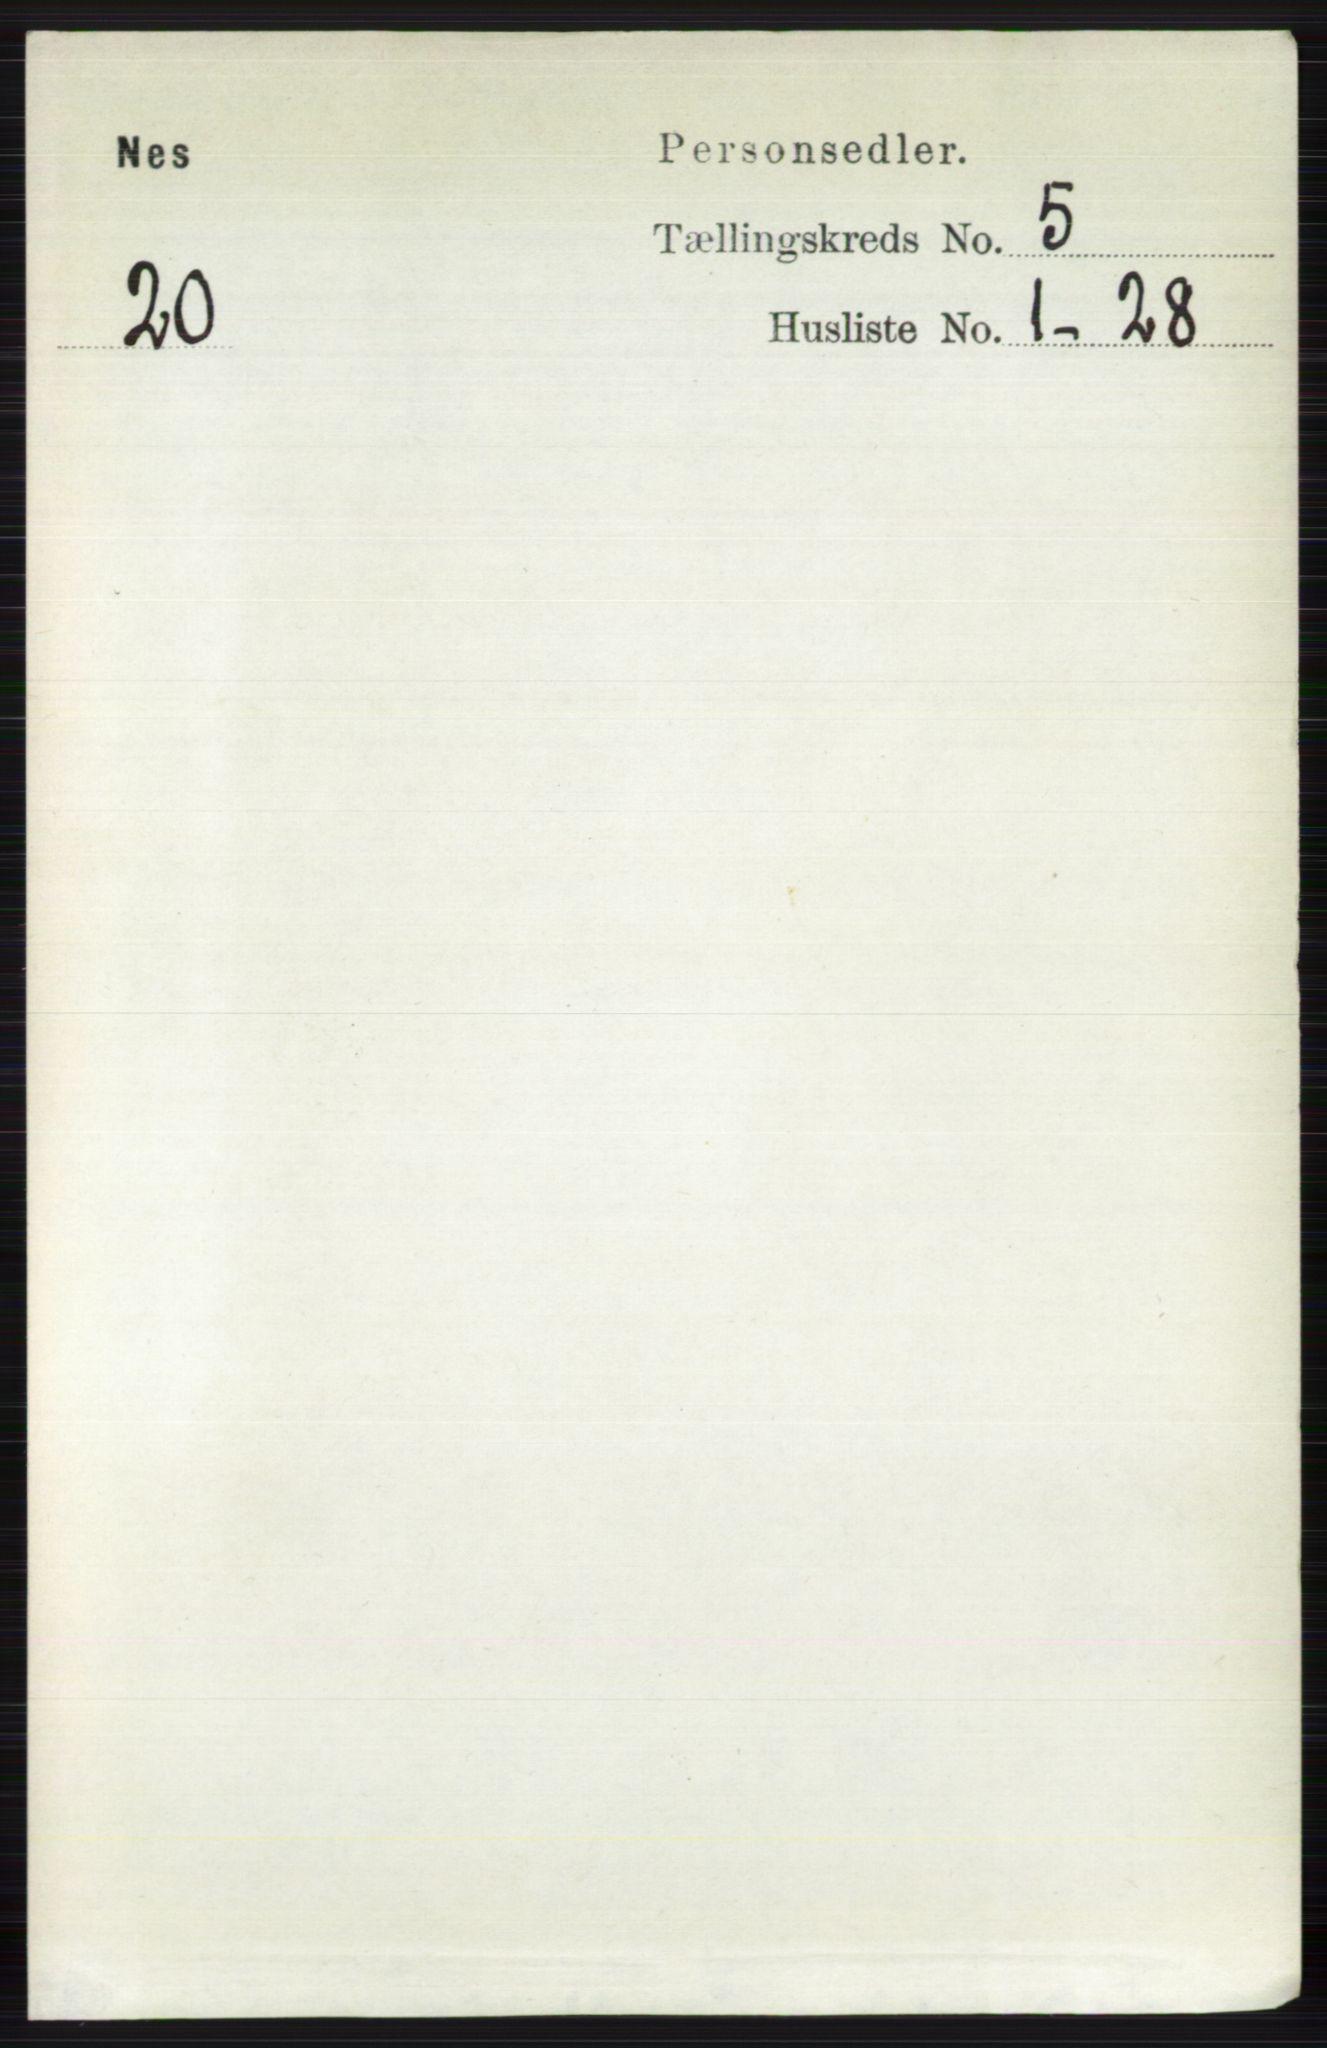 RA, Folketelling 1891 for 0616 Nes herred, 1891, s. 2635